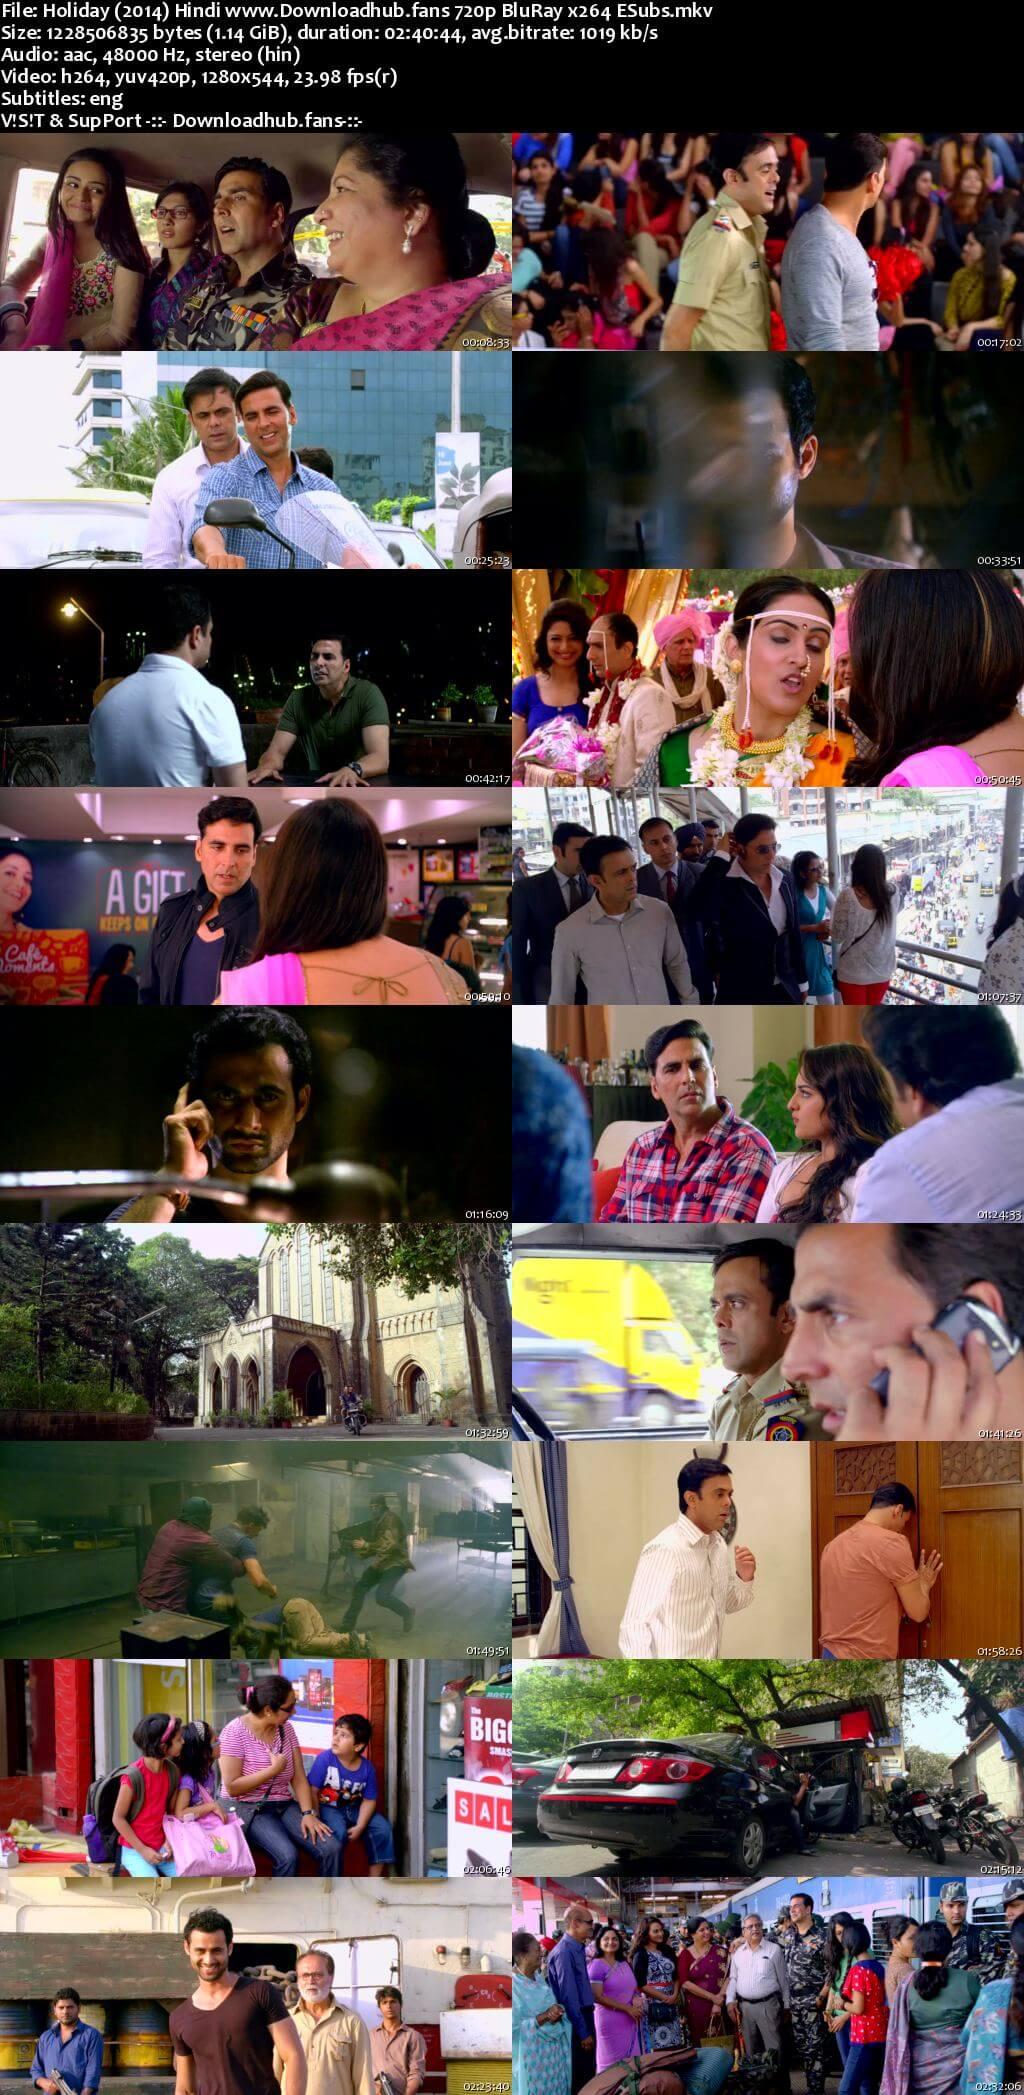 Holiday 2014 Hindi 720p BluRay ESubs